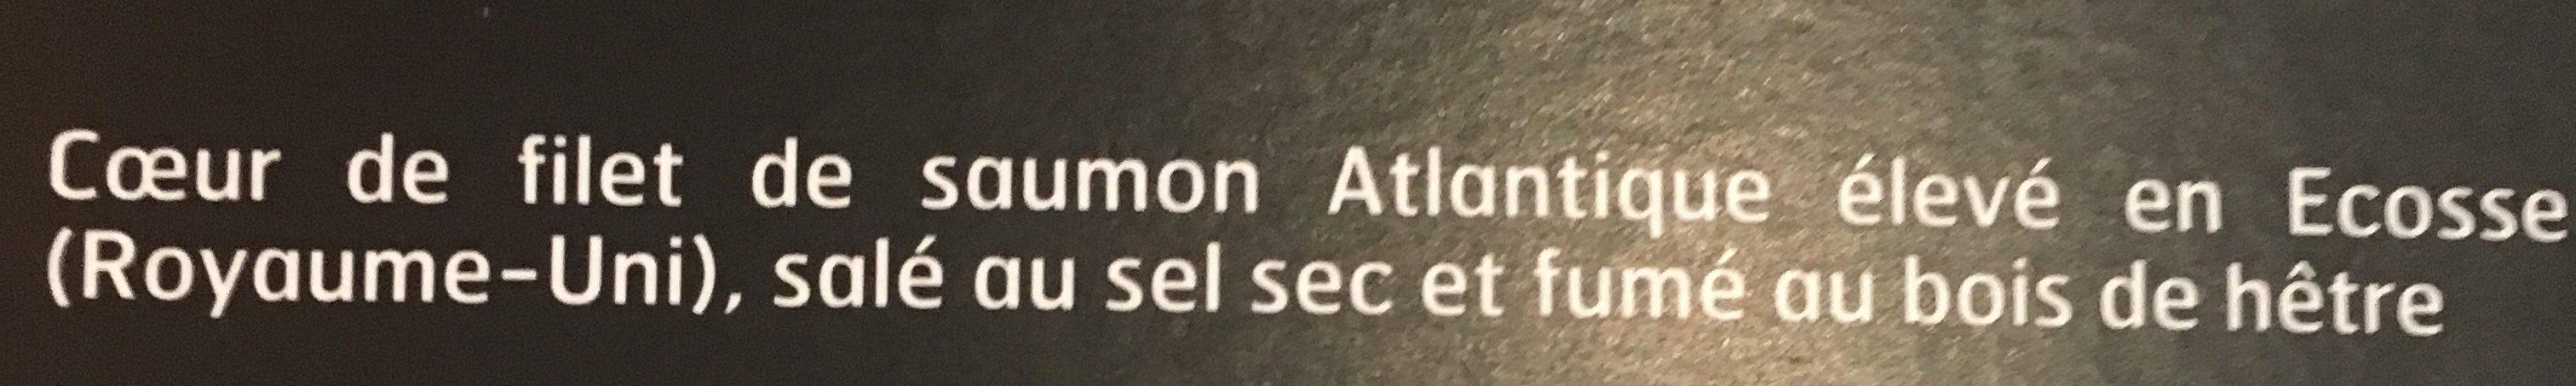 Cœur de filet de saumon fumé élevé en Ecosse - Ingrediënten